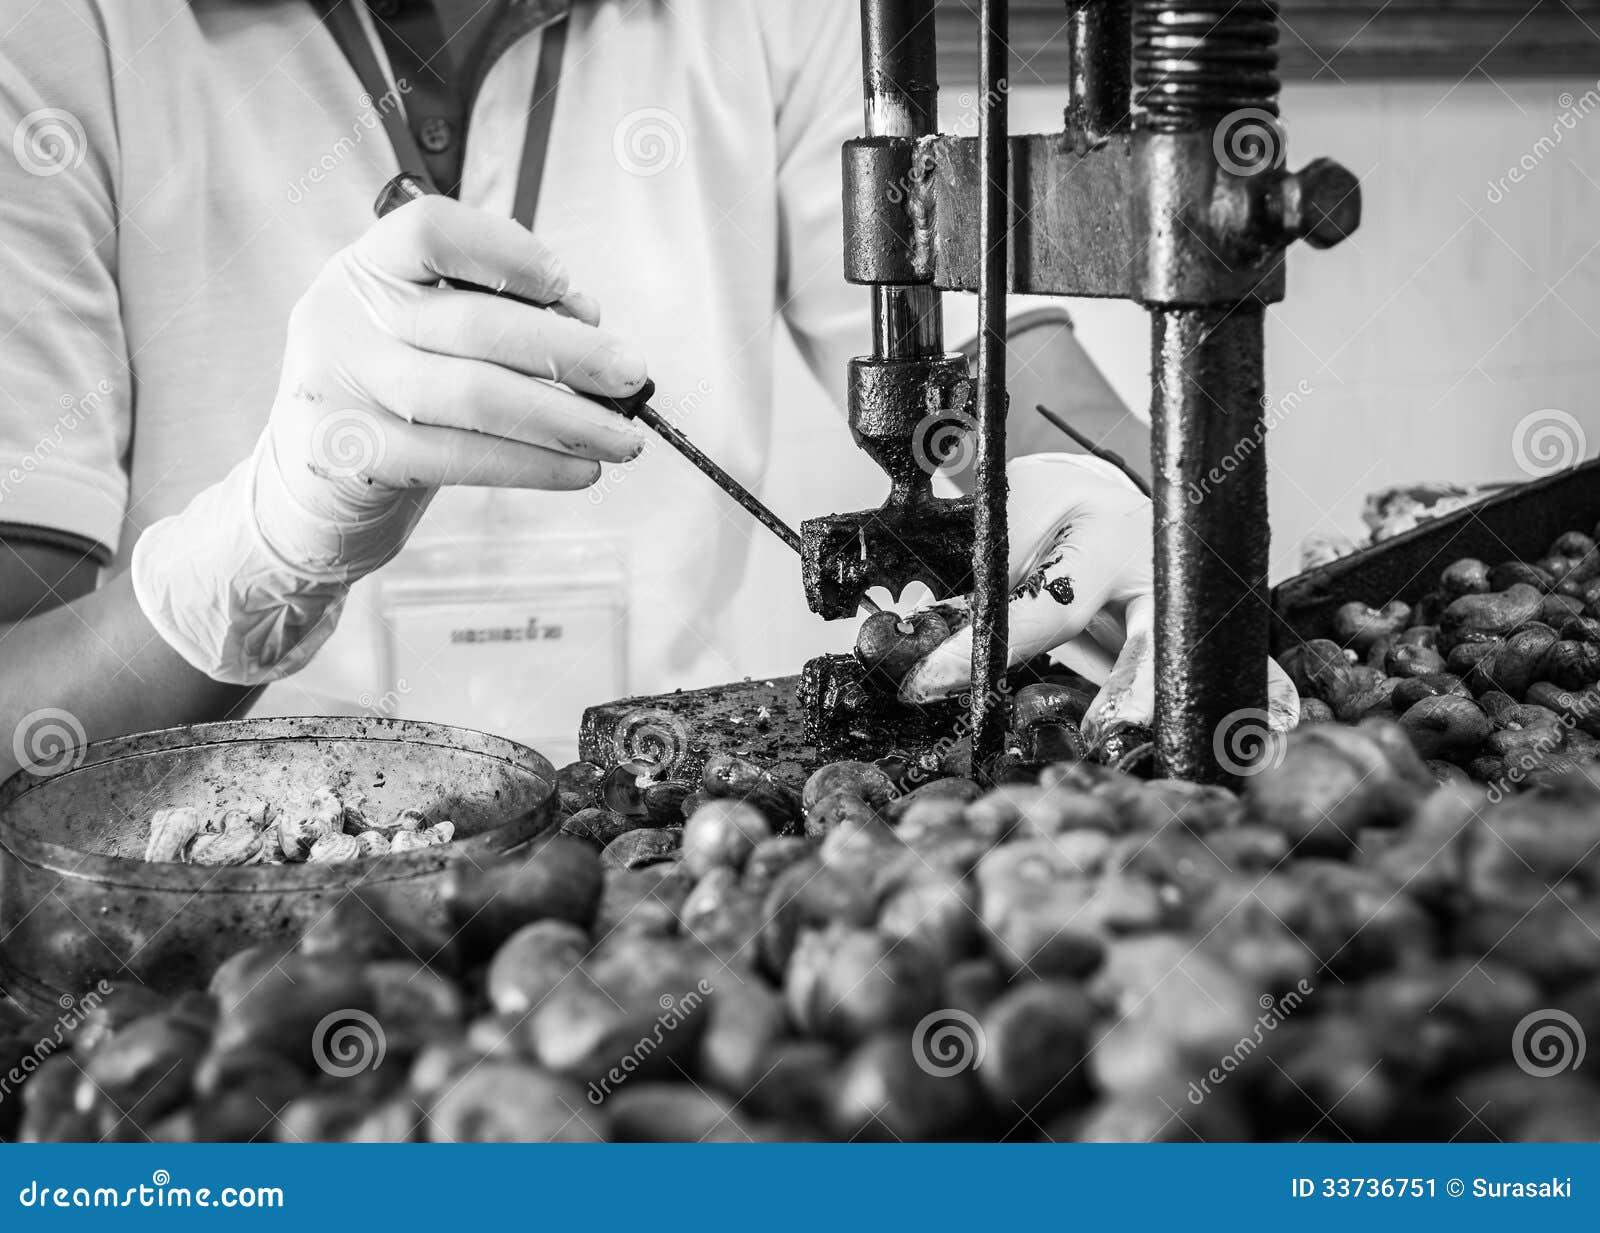 Cashew nut cracking